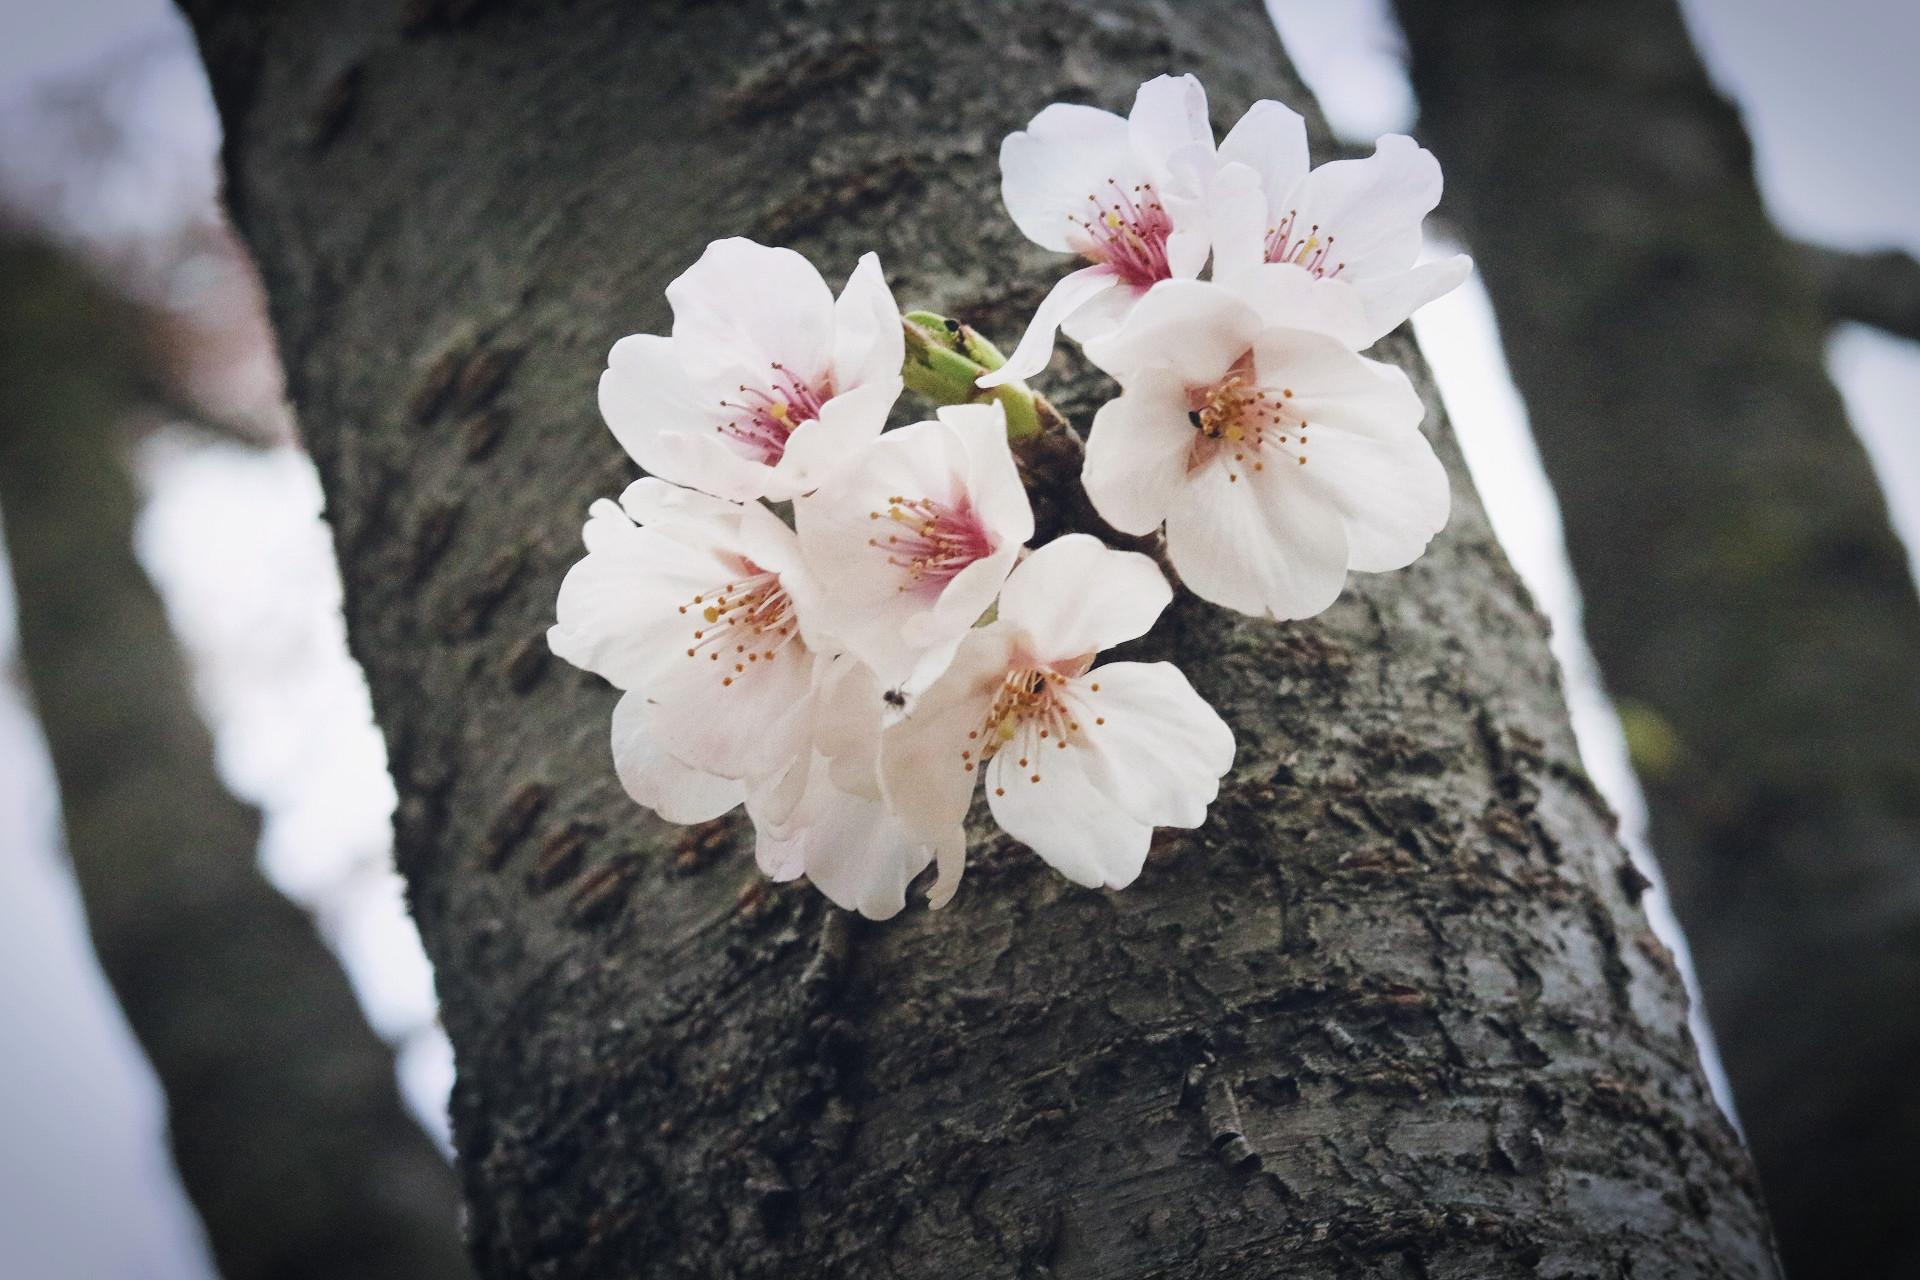 来年また咲くころにゆきます